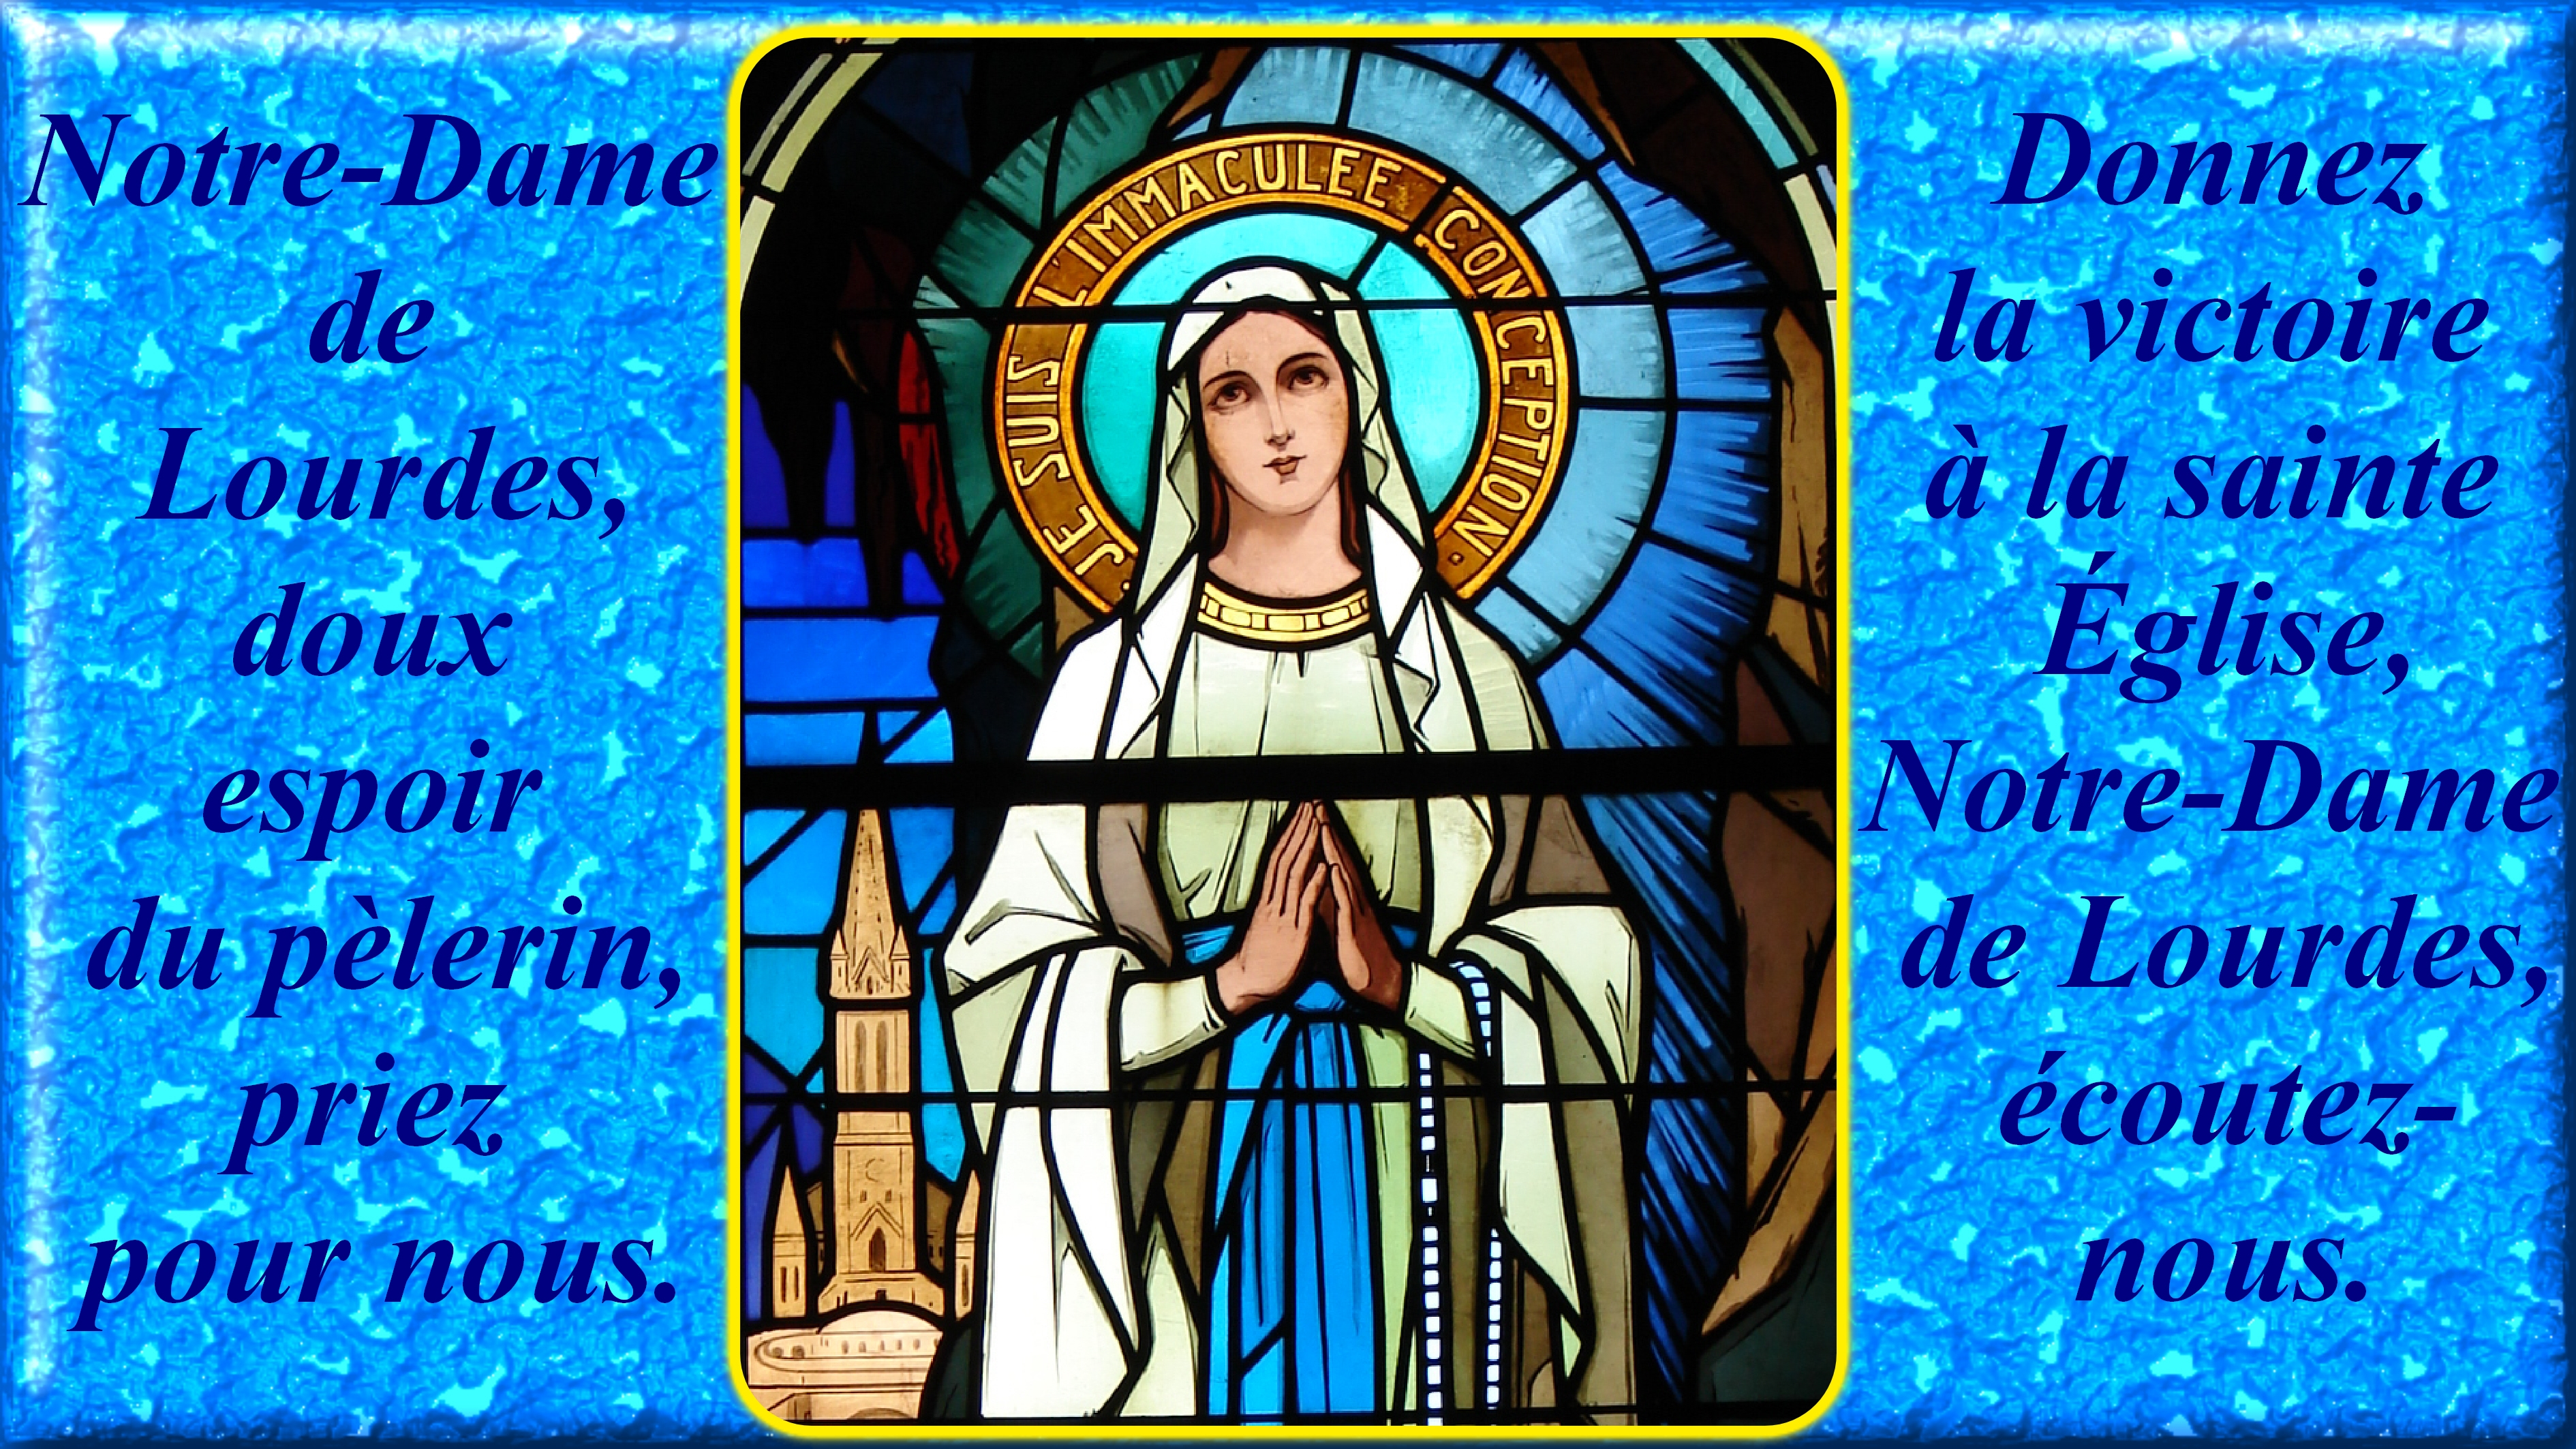 CALENDRIER CATHOLIQUE 2020 (Cantiques, Prières & Images) - Page 5 Notre-dame-de-lou...-p-lerin-55b56ac